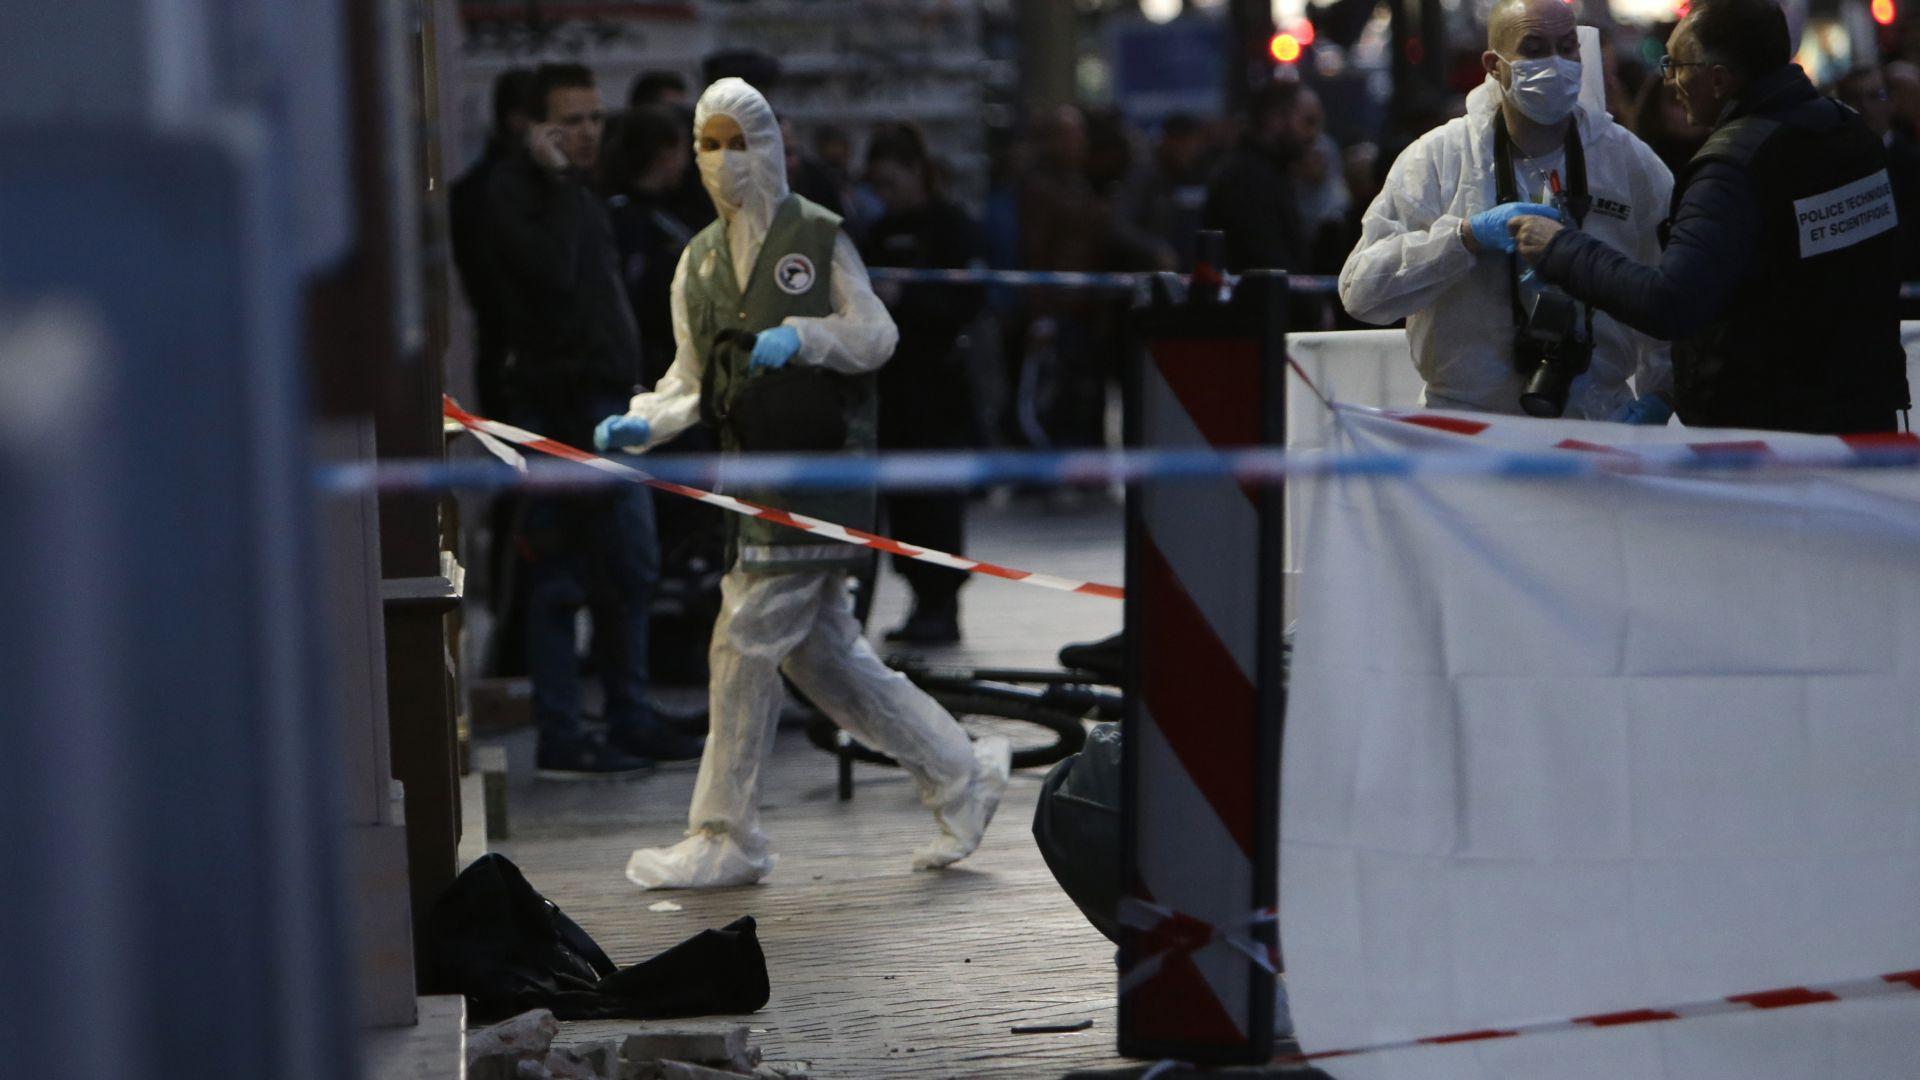 Снимка: Нападателят в Марсилия бил психично болен